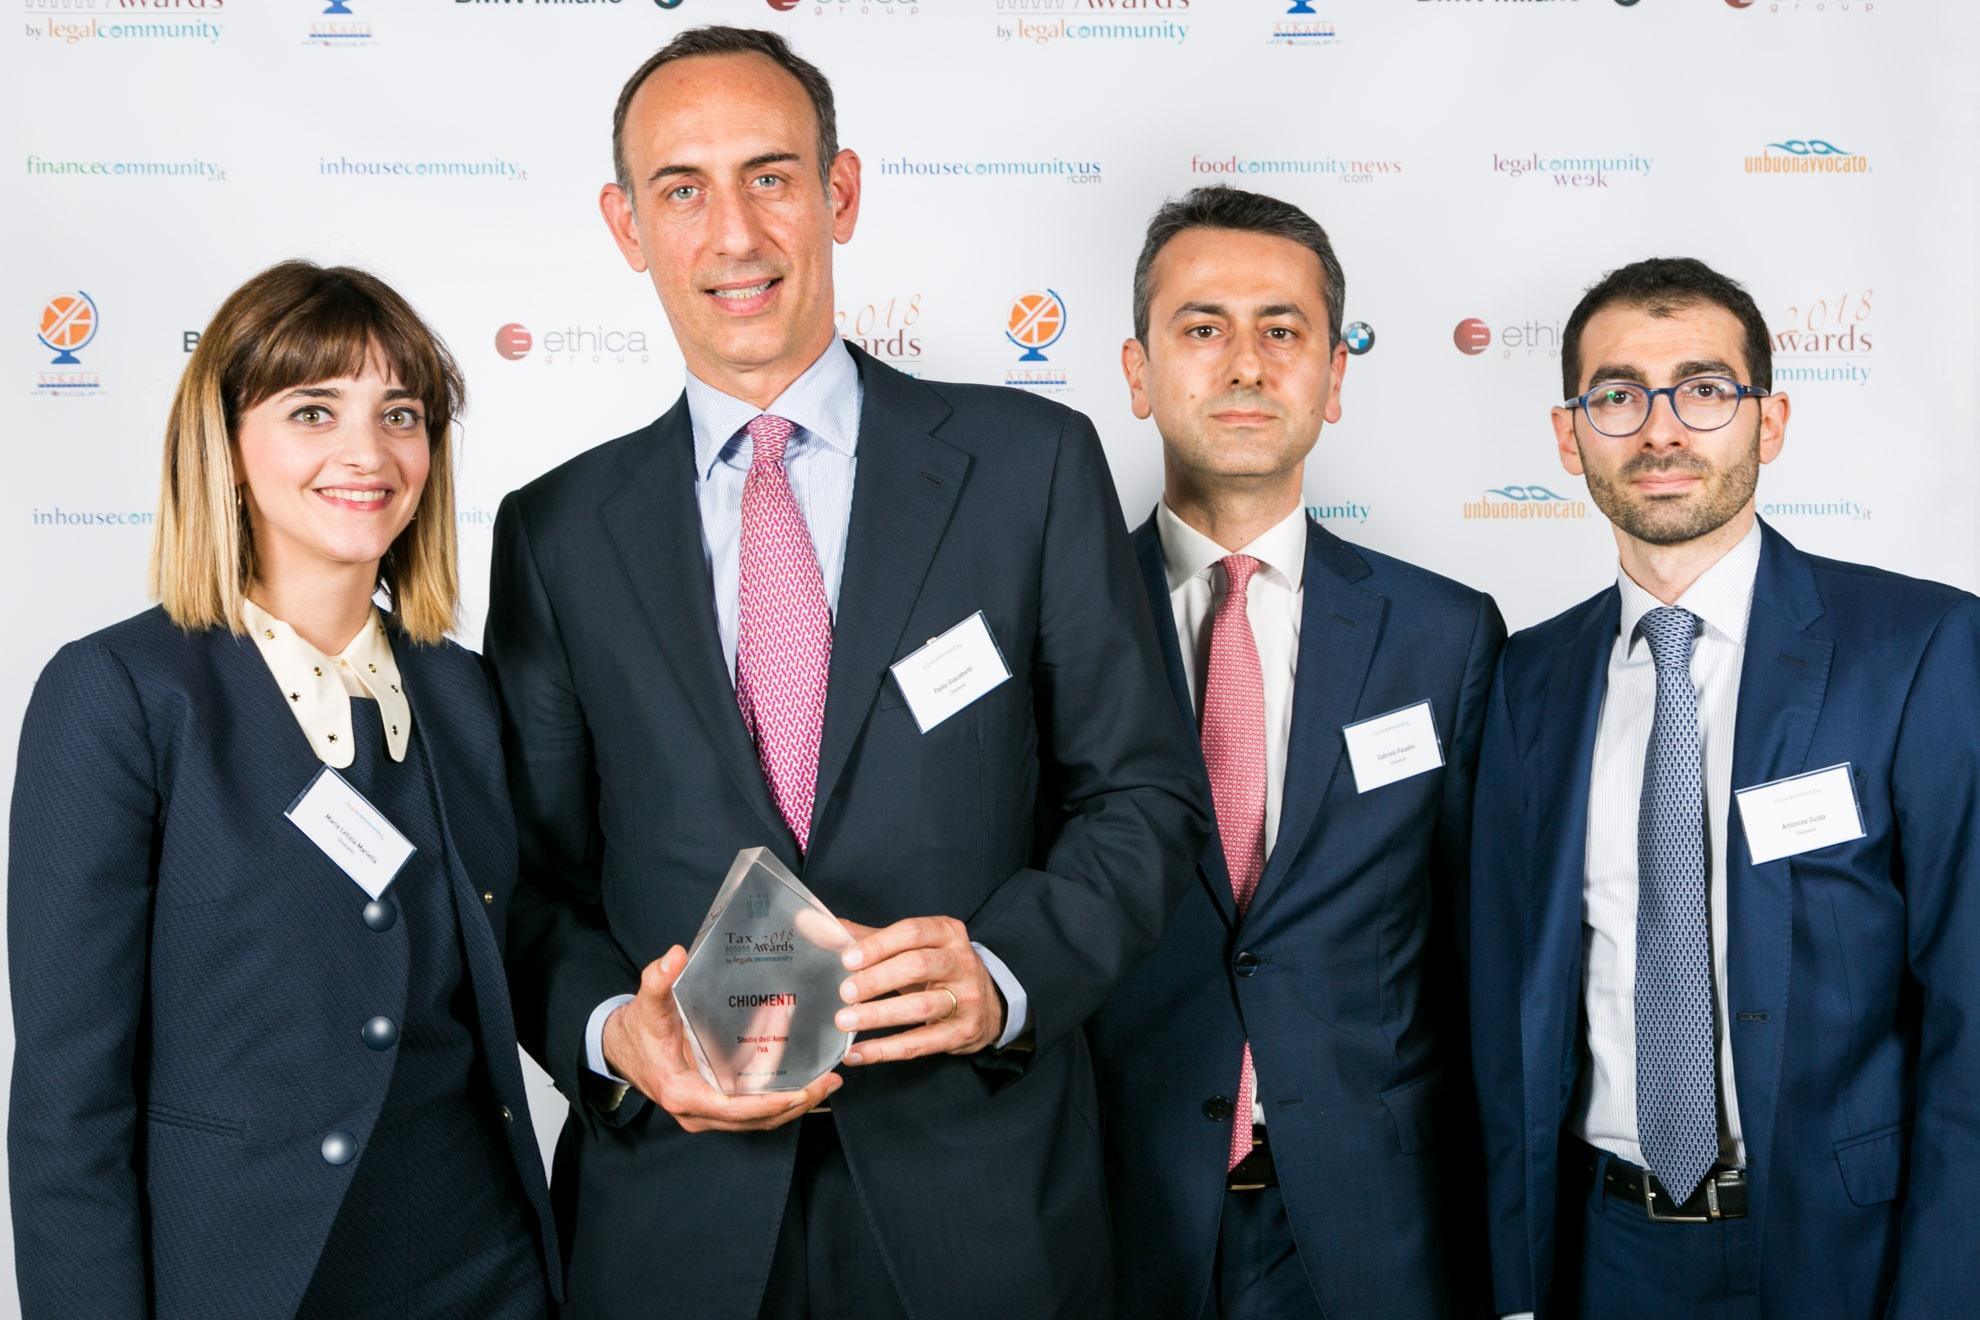 Chiomenti ai Legalcommunity Tax Awards 2018: premi per Studio dell'Anno IVA e Professionista dell'Anno Fiscalità Finanziaria